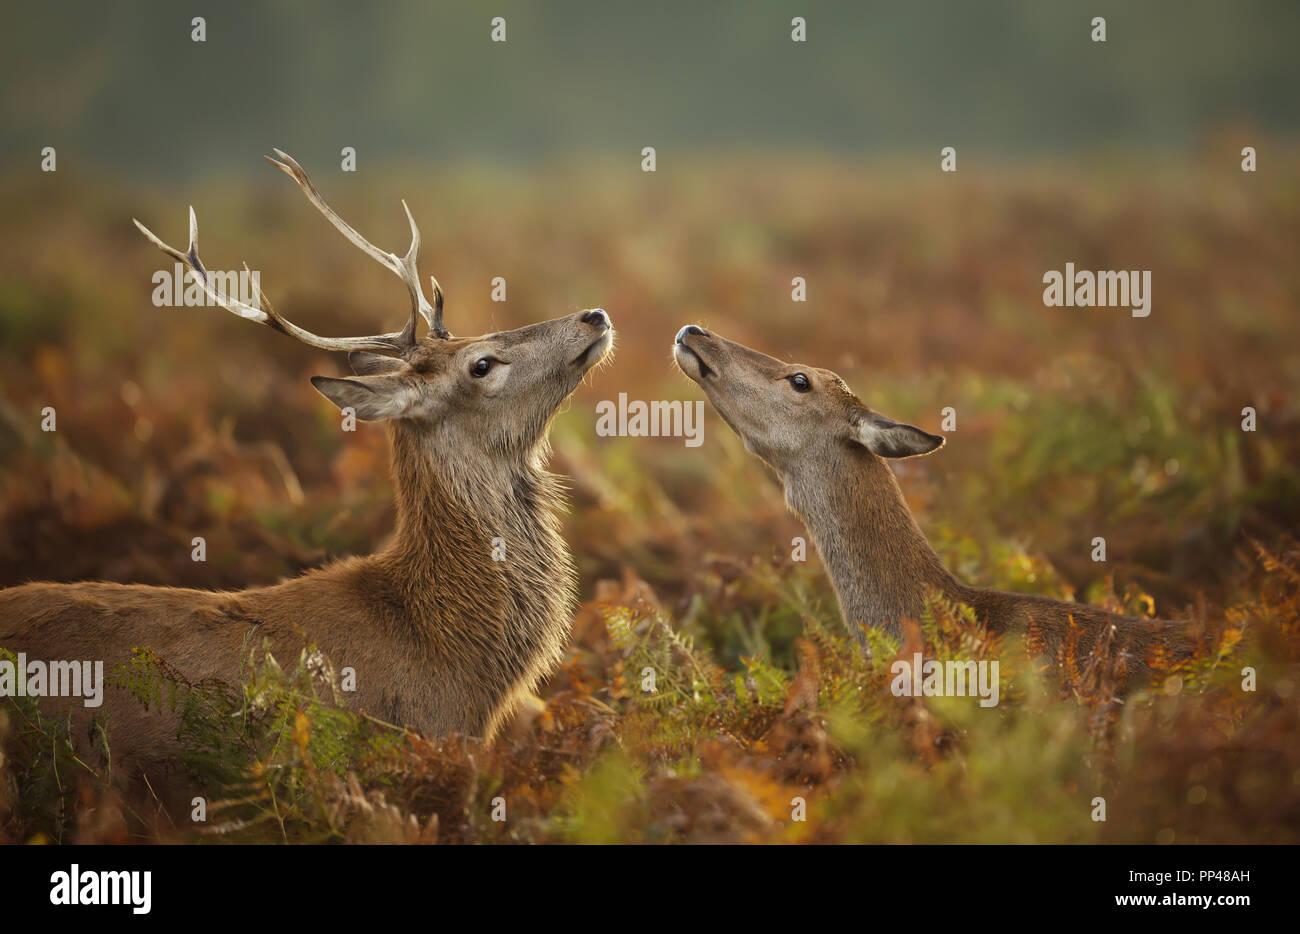 In der Nähe des Red deer Hirsch und eine Hirschkuh während der Brunftzeit, Herbst in Großbritannien. Stockbild